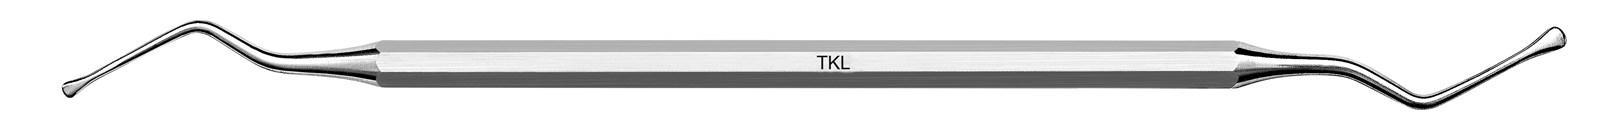 Nůž pro tunelovou techniku - TKL, ADEP růžový